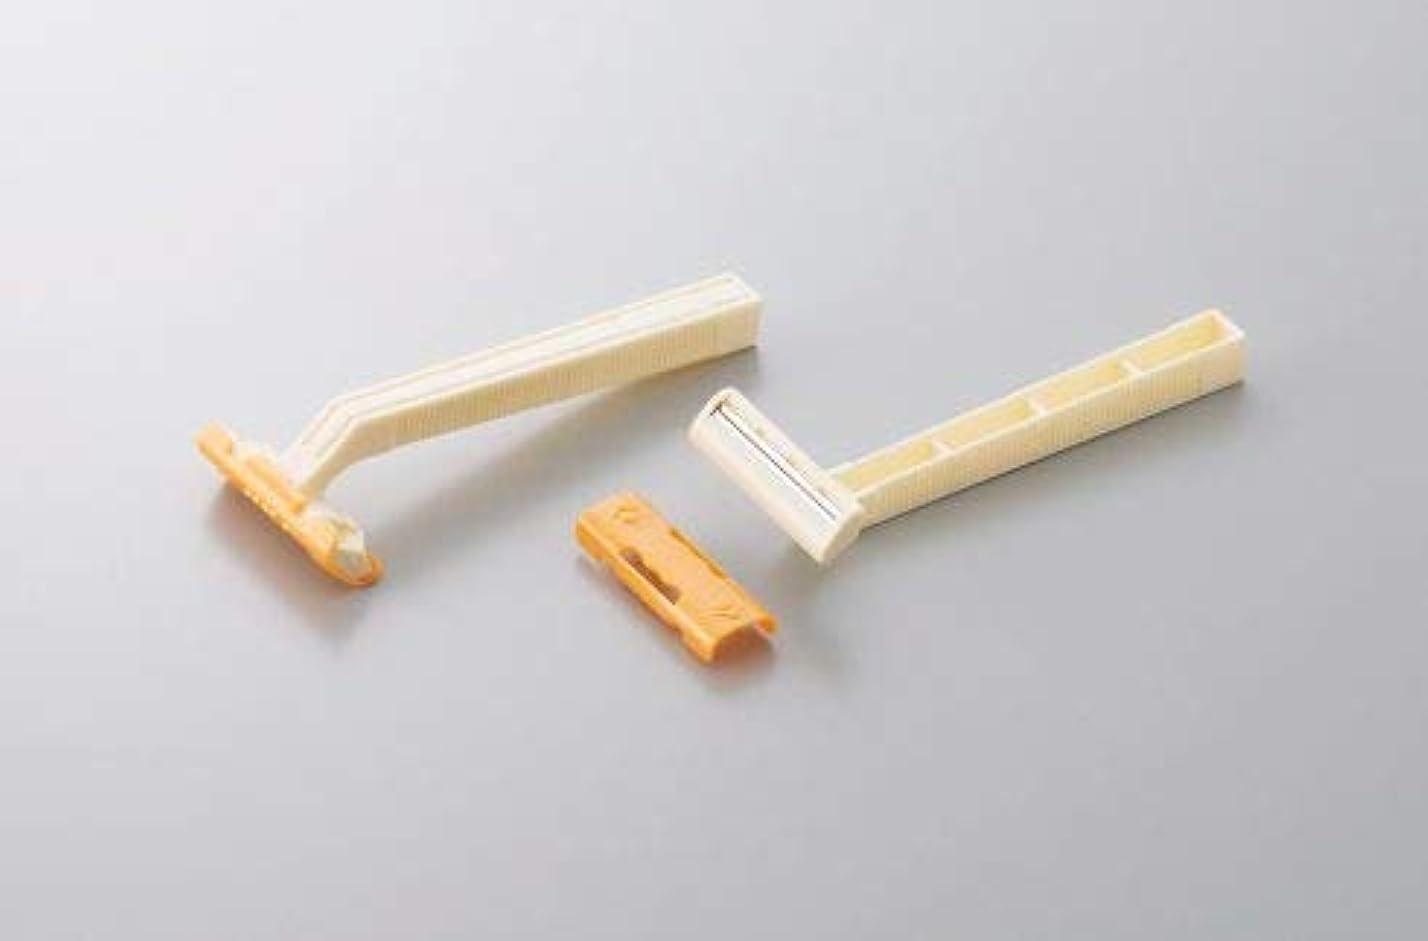 廃棄する知らせる厚さdaito T字カミソリ バラ バルク ロード2?固定式2枚刃 2000本セット